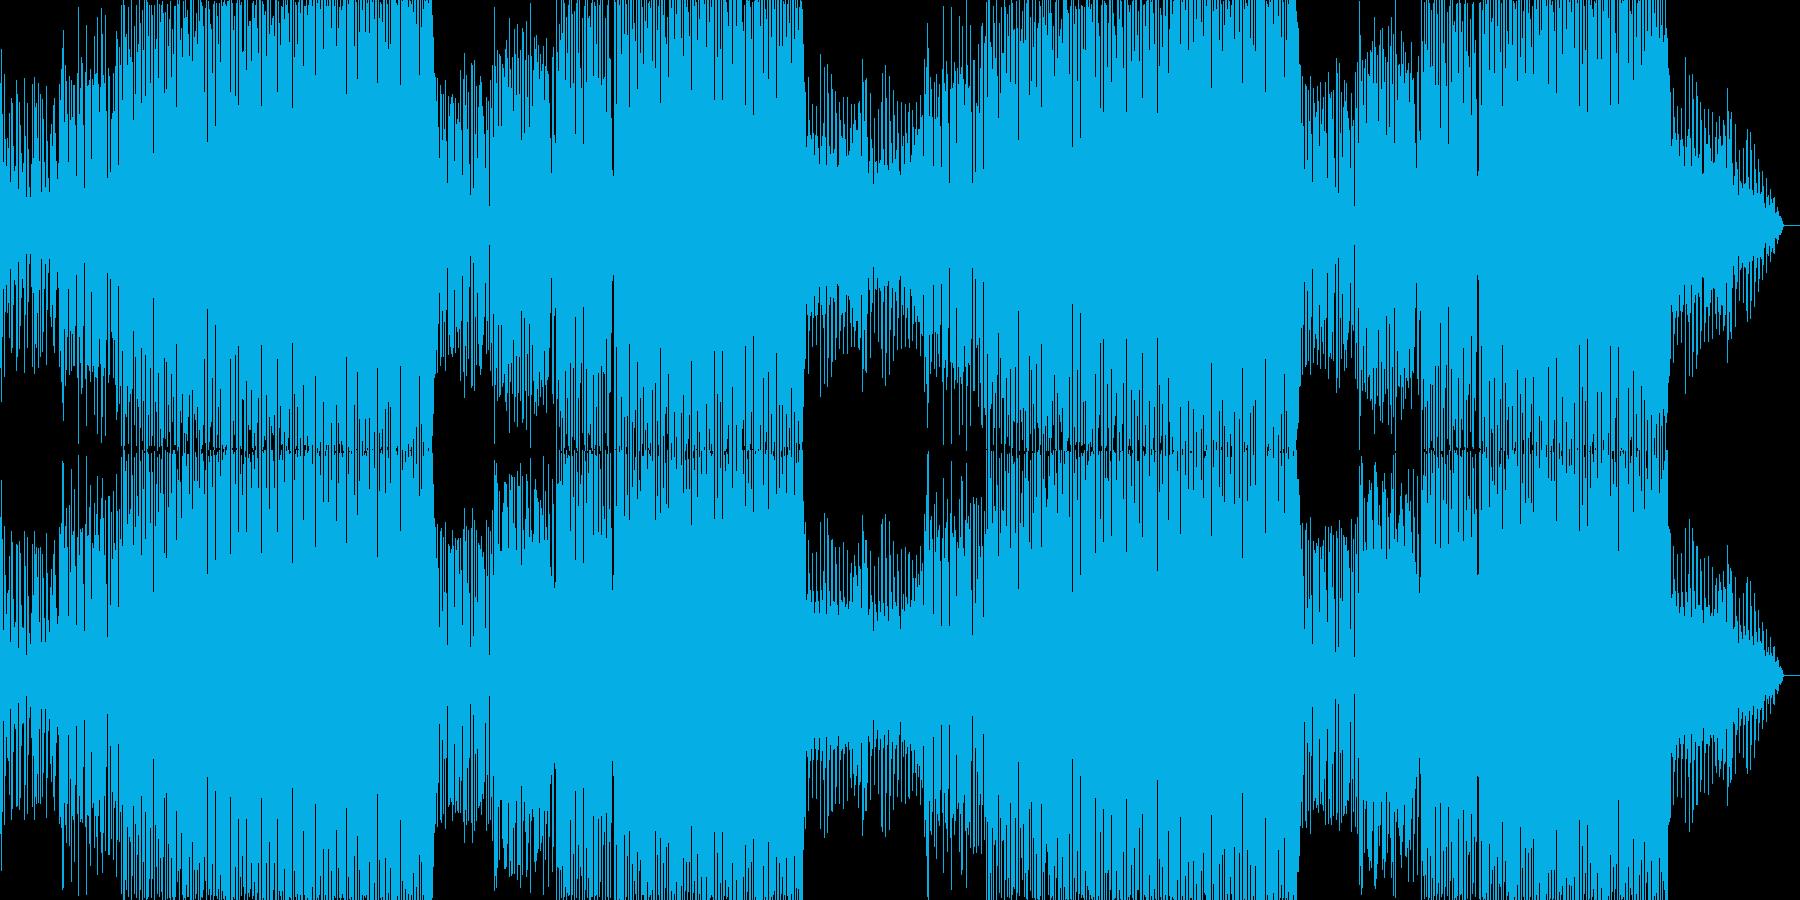 ちょっとお洒落なカフェBGMの再生済みの波形